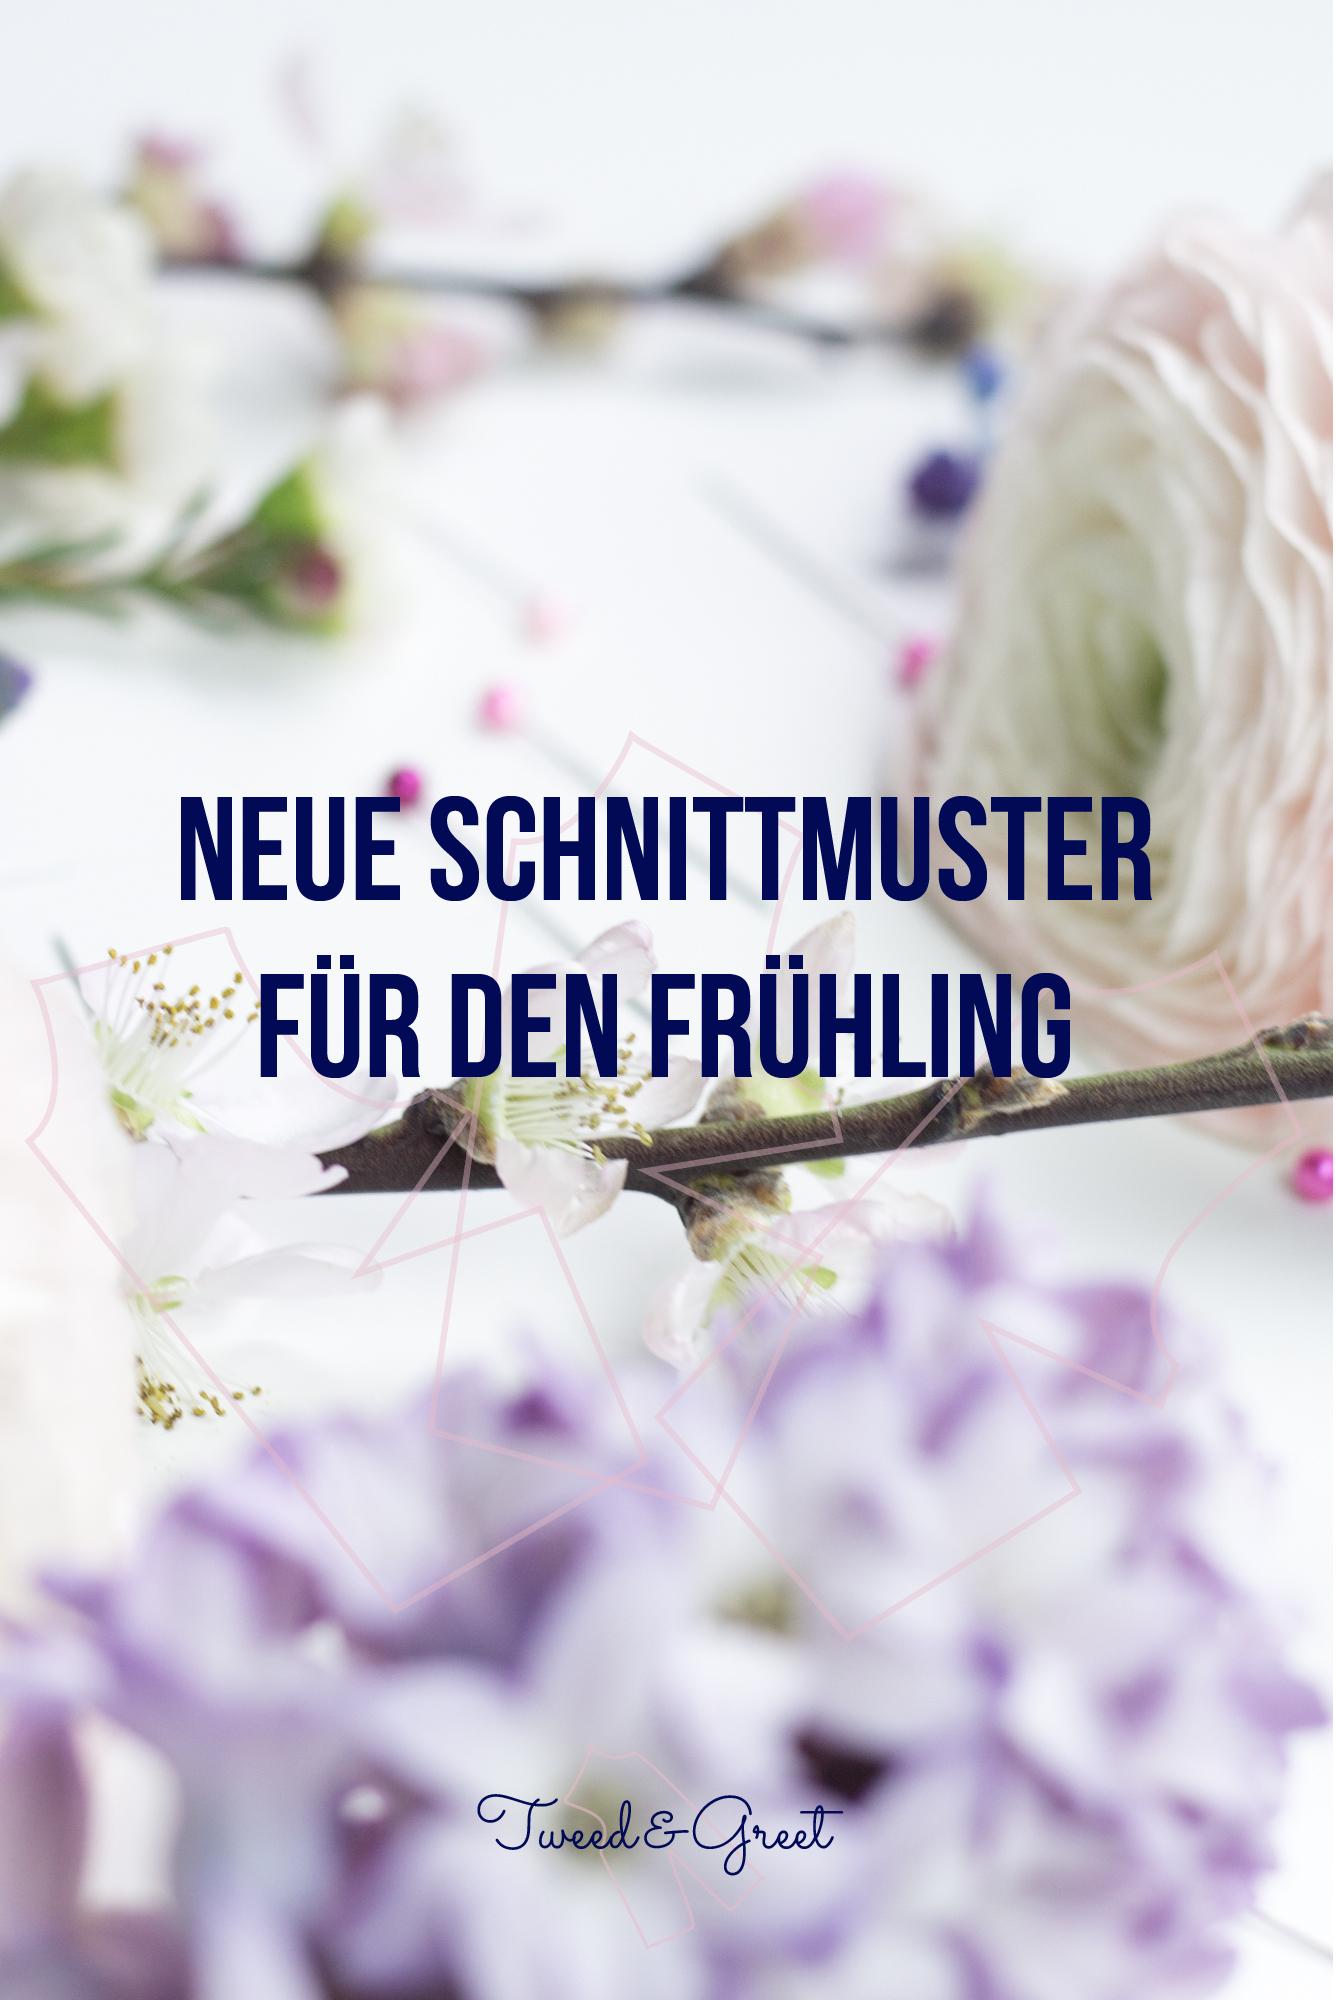 Neue Schnittmuster für die Frühlingsgarderobe - Ein ...